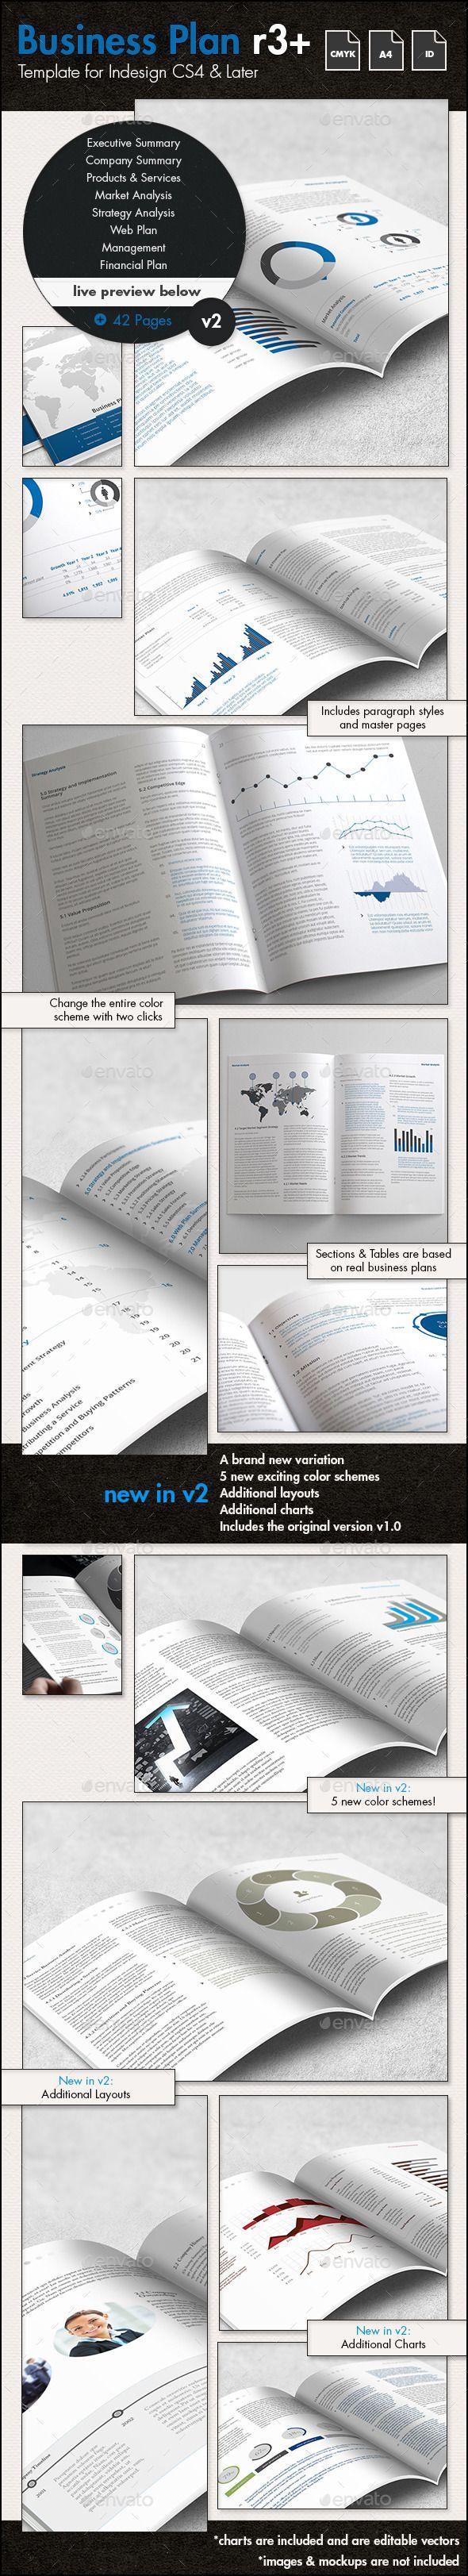 Web Design Business Plan Template. Design Haven Business Plan Template M1  A4 Landscape Professional .